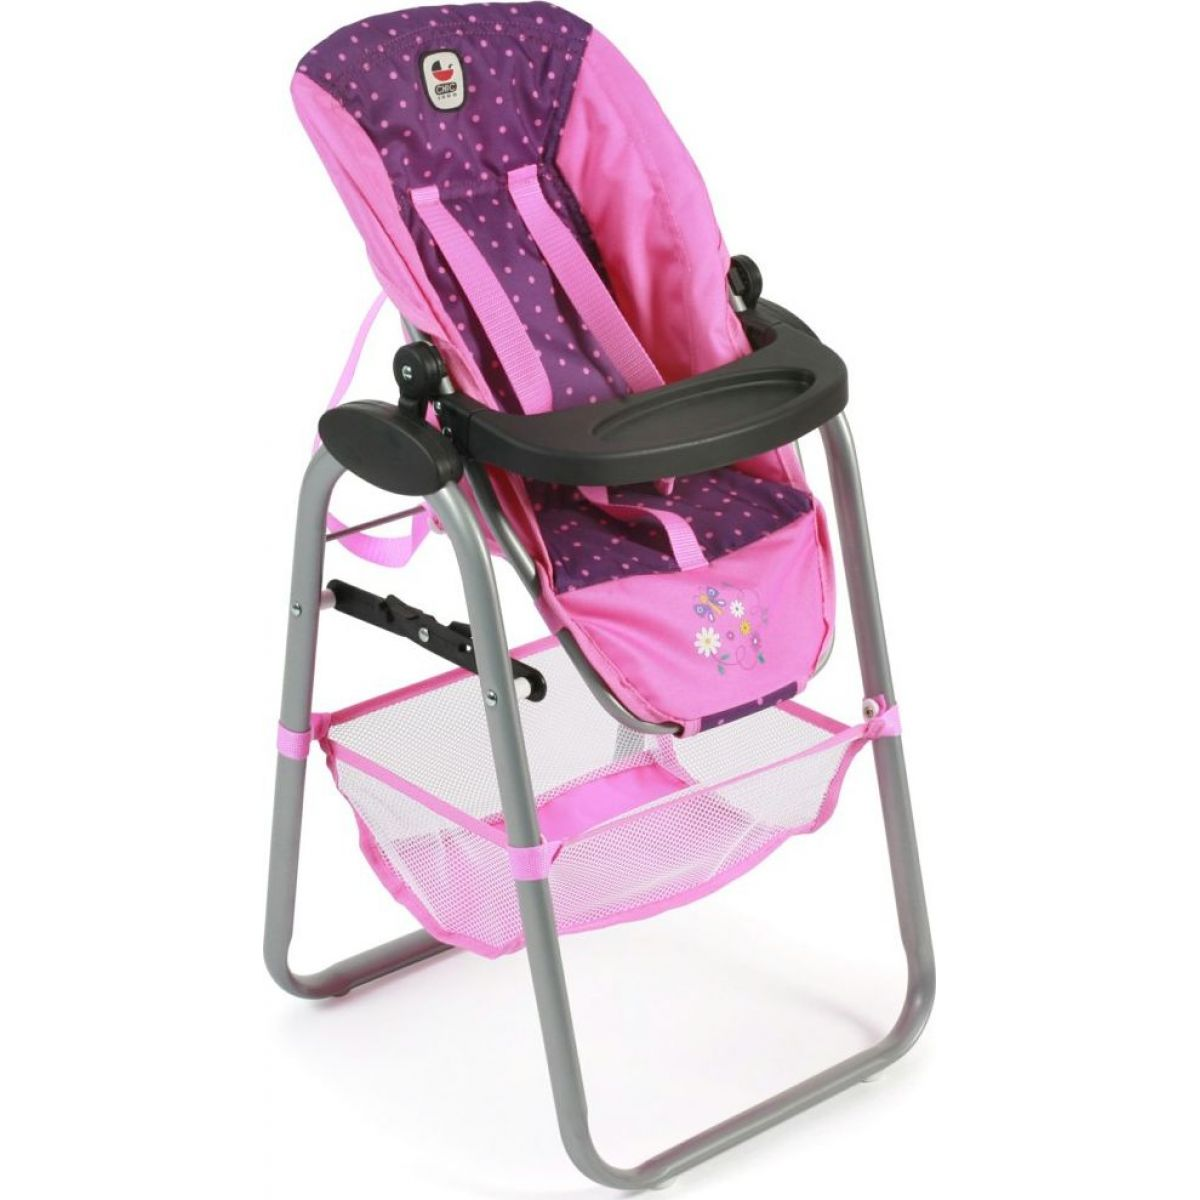 Bayer Chic Jídelní židlička pro panenku - Dots purple pink